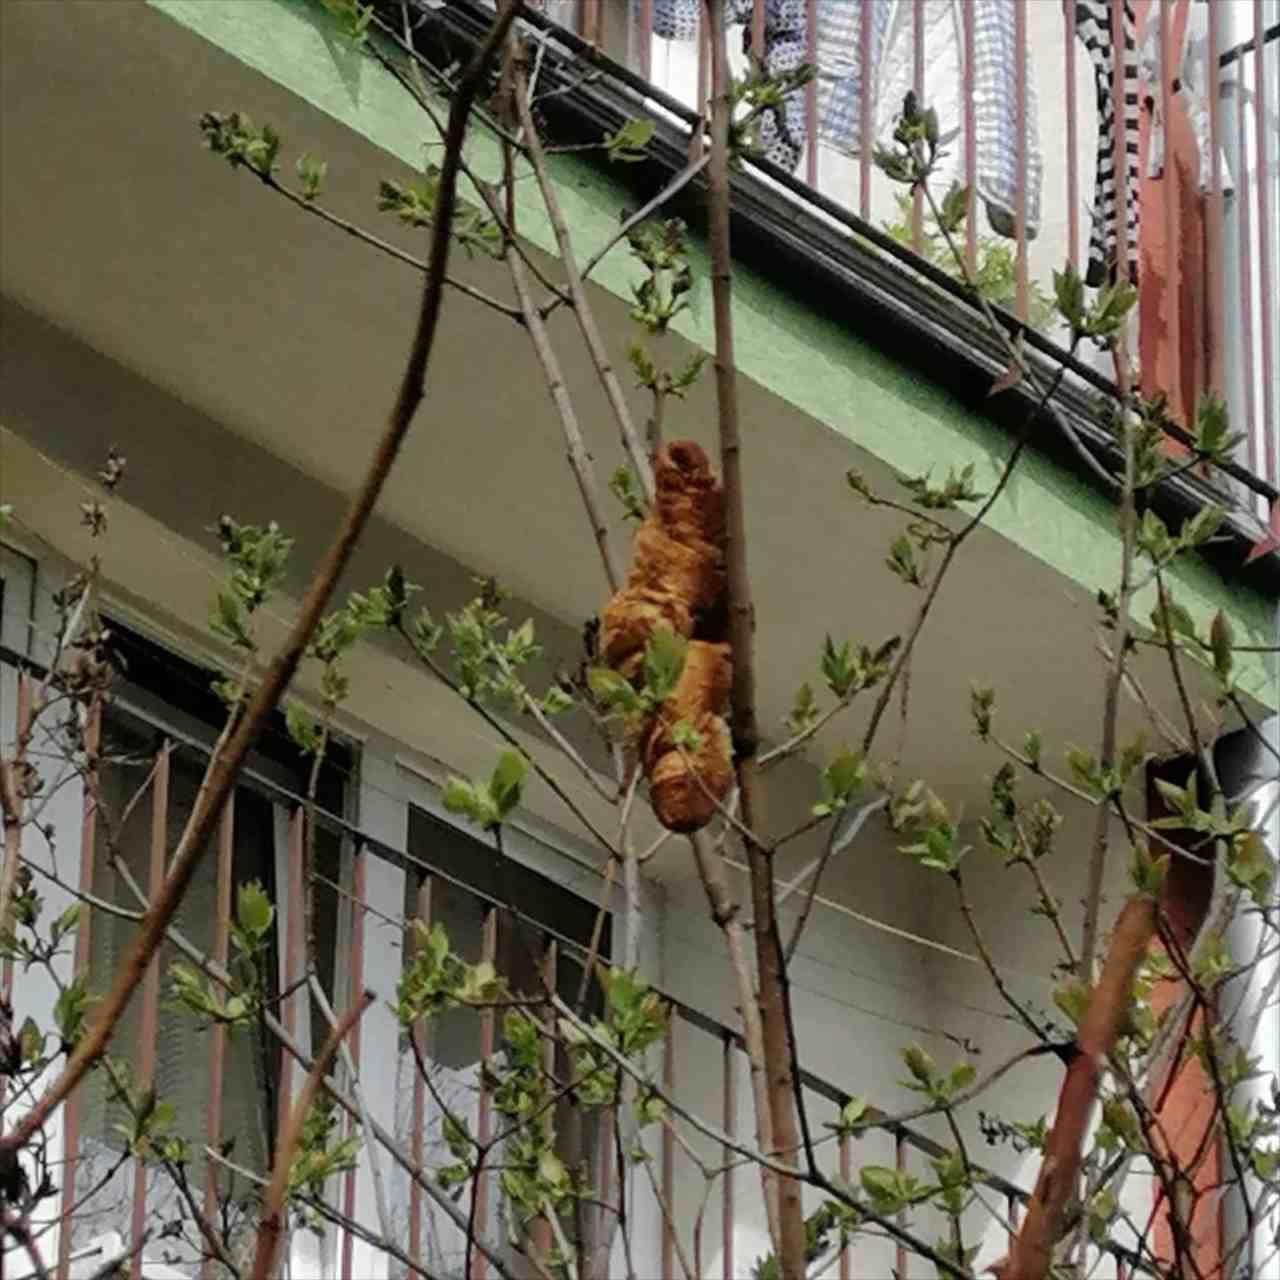 「木の上に謎の生物がいる!」と通報を受けて駆けつけると、正体はまさかのアレだった!